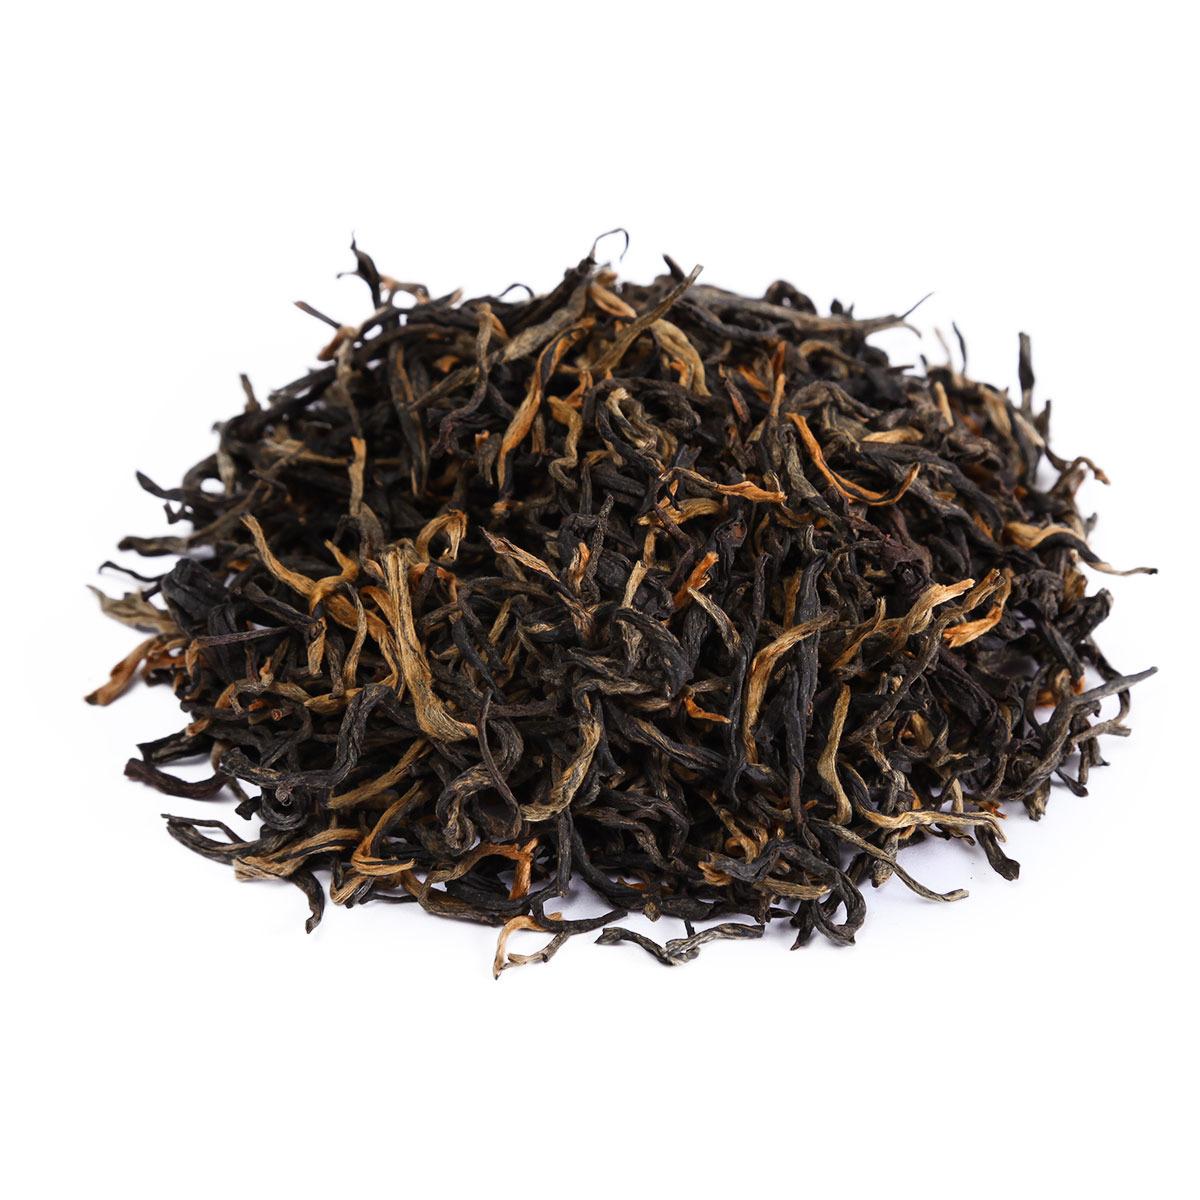 Чай листовой Первая Чайная Компания Дянь Хун Красный чай с земли Дянь, красный, 100 г типсовый дянь хун op